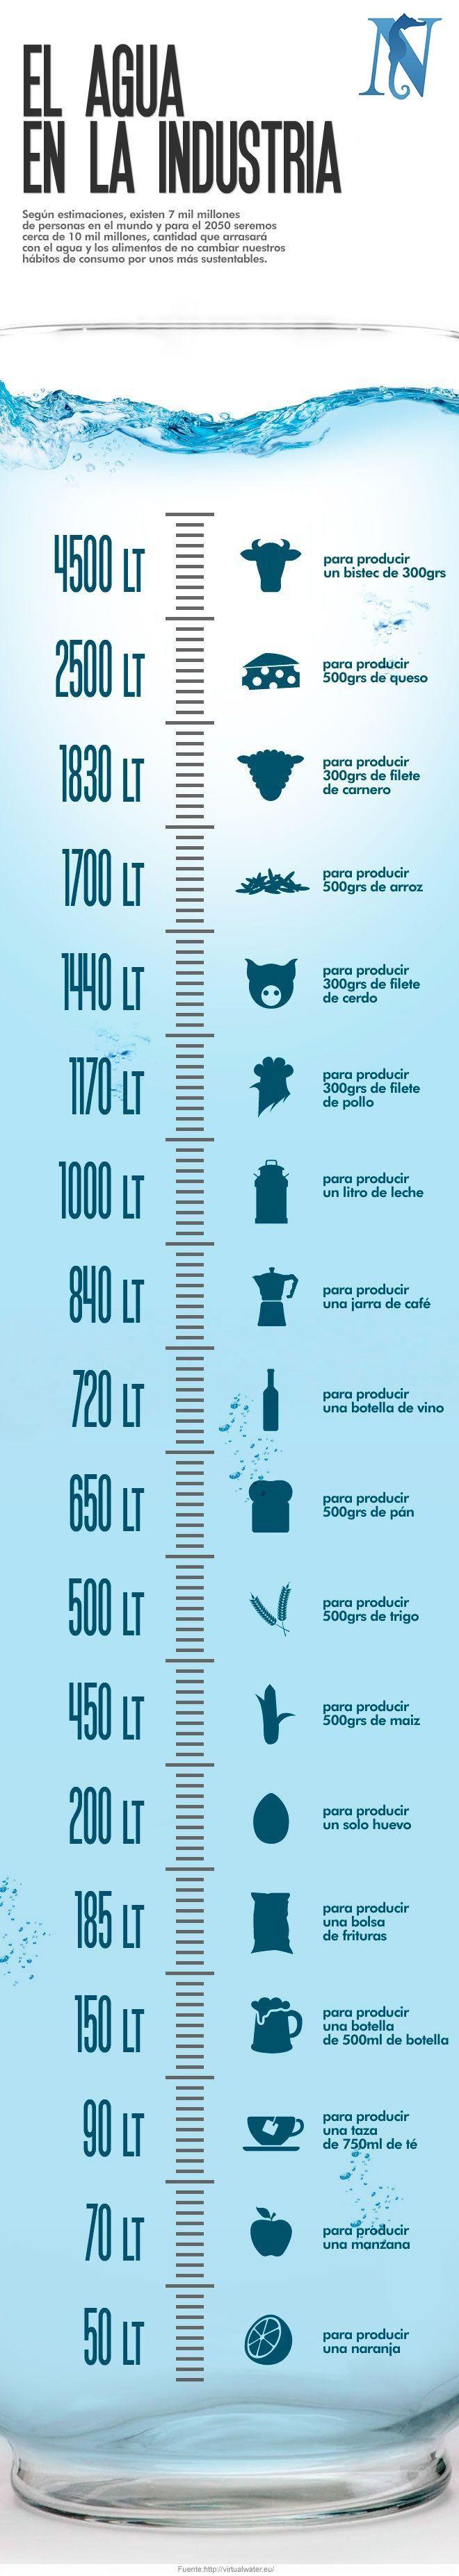 ¿Cuánta #agua se necesita para producir los artículos que consumimos diariamente?.   Según estimaciones, existen 7 mil millones de personas en el mundo y para el 2050 seremos cerca de 10 mil millones, cantidad que arrasará con el agua y los alimentos de no cambiar nuestros hábitos por unos más sustentables.